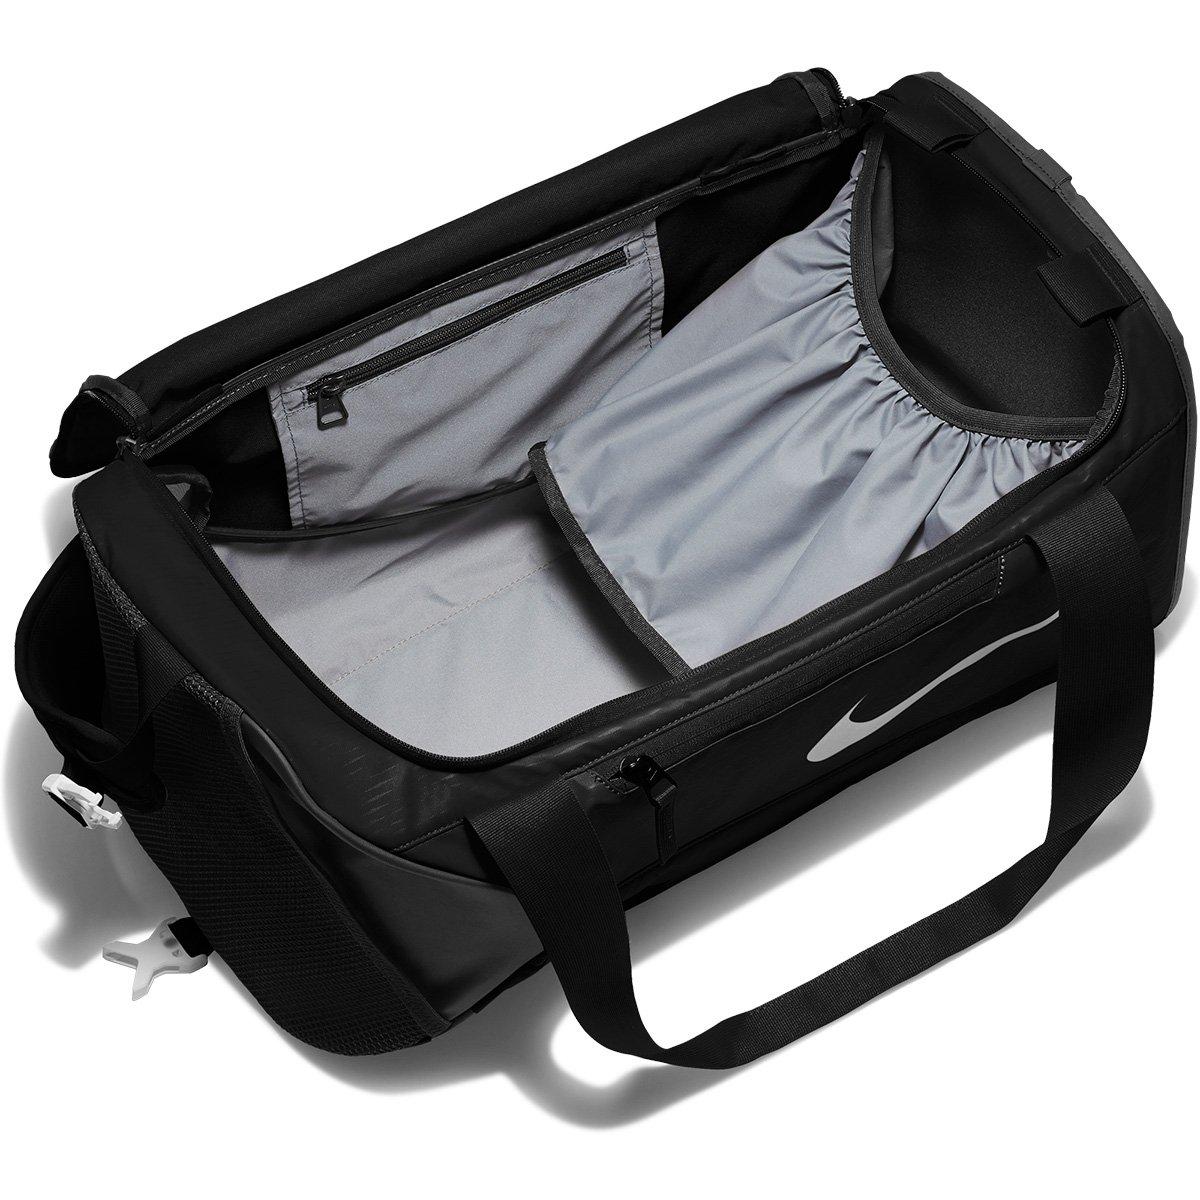 Mala Nike Alpha Adapt Crossbody Duffel Masculina - Compre Agora ... 7d65af3c1ab1f